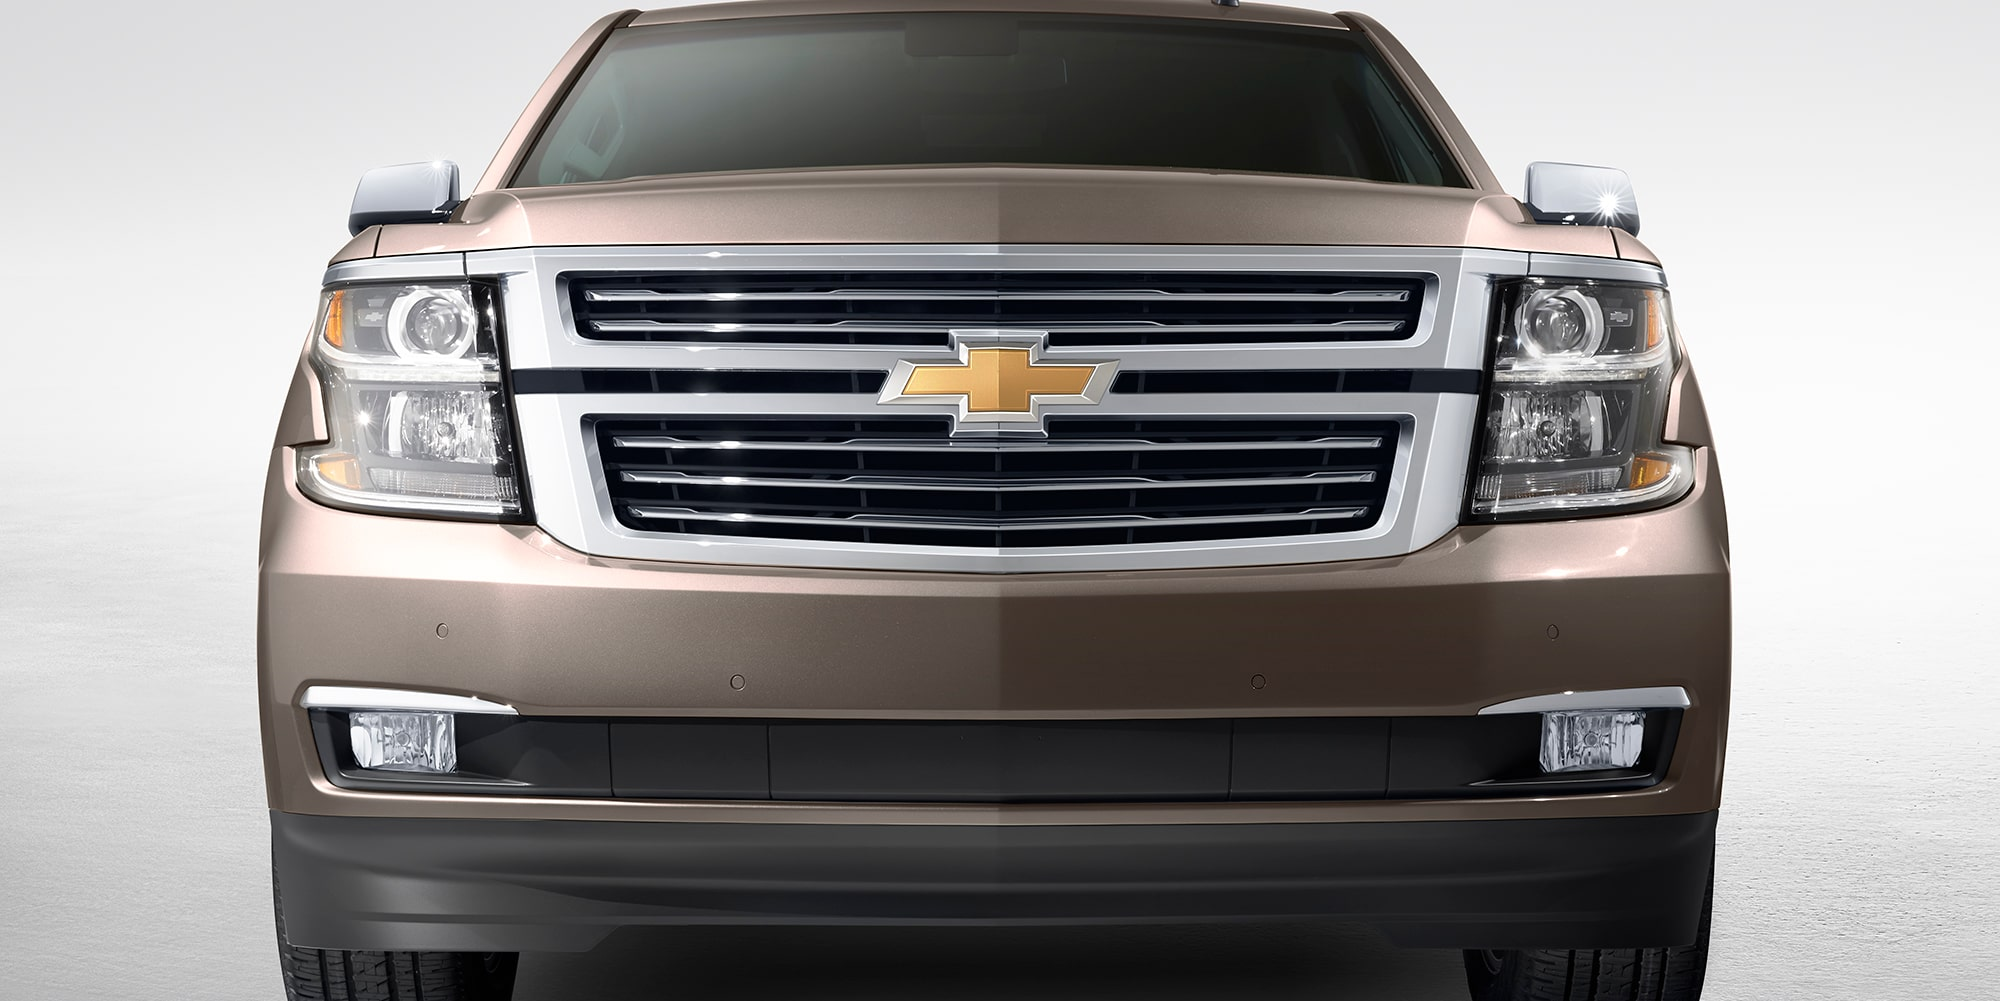 Doble parrilla cromada, faros de xenón de alta descarga con barra iluminada por LED componen la Chevrolet Suburban 2018